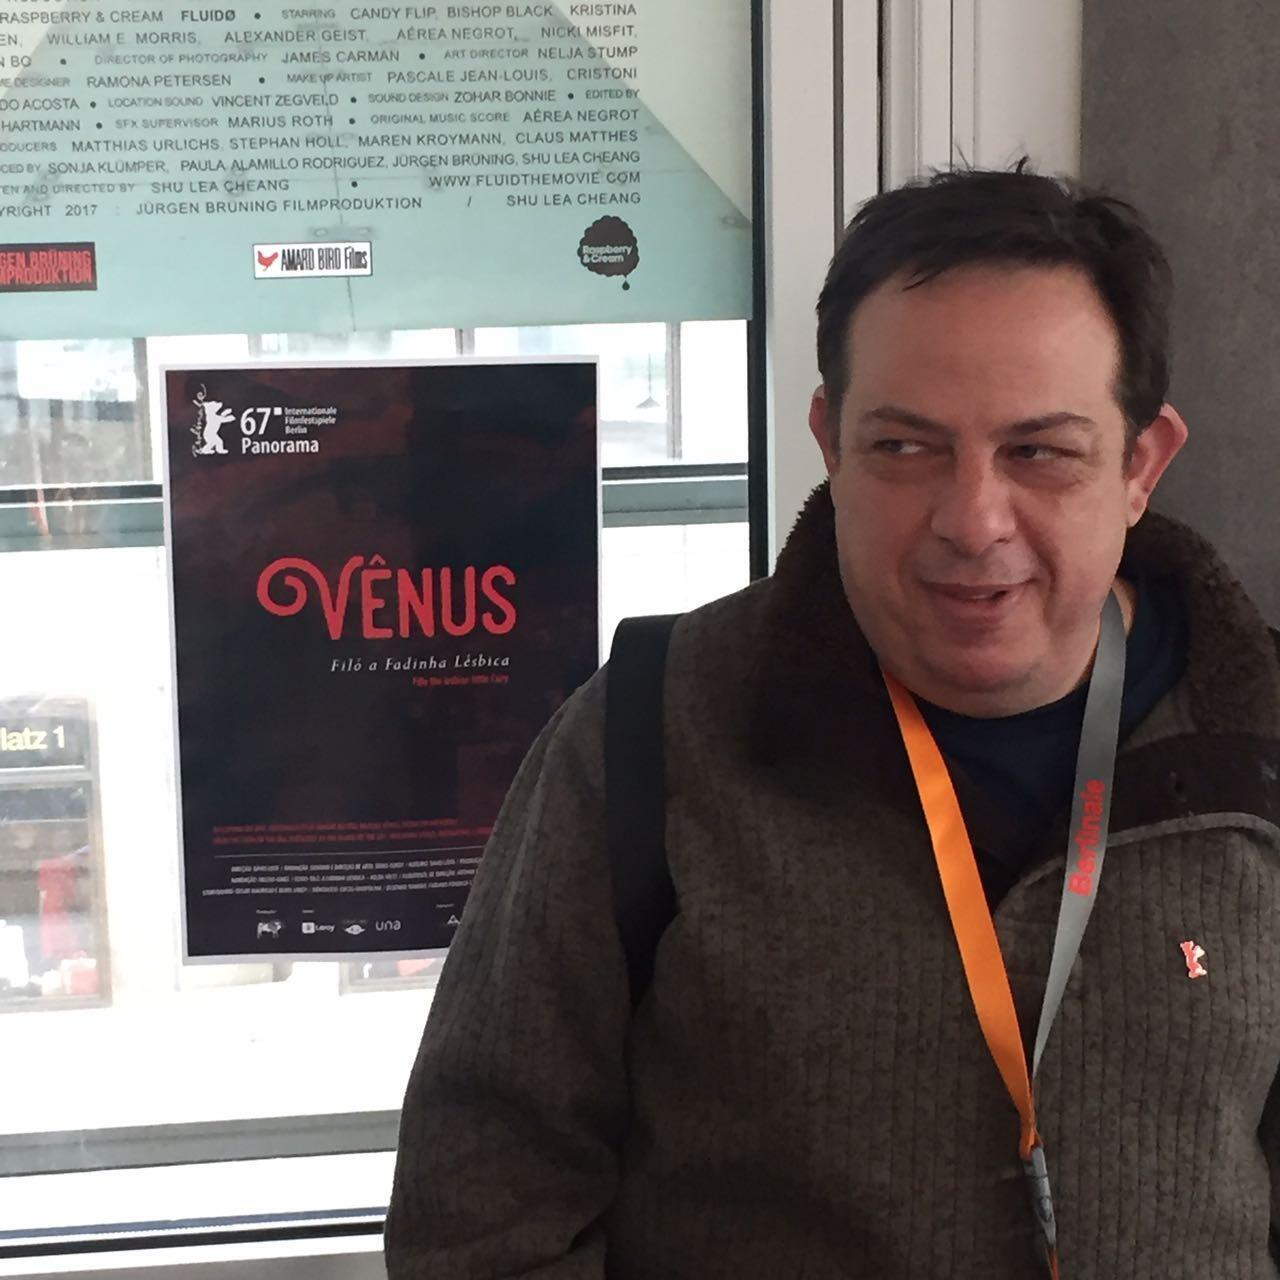 Diretor mineiro Sávio Leite no Festival de Cinema de Berlim.